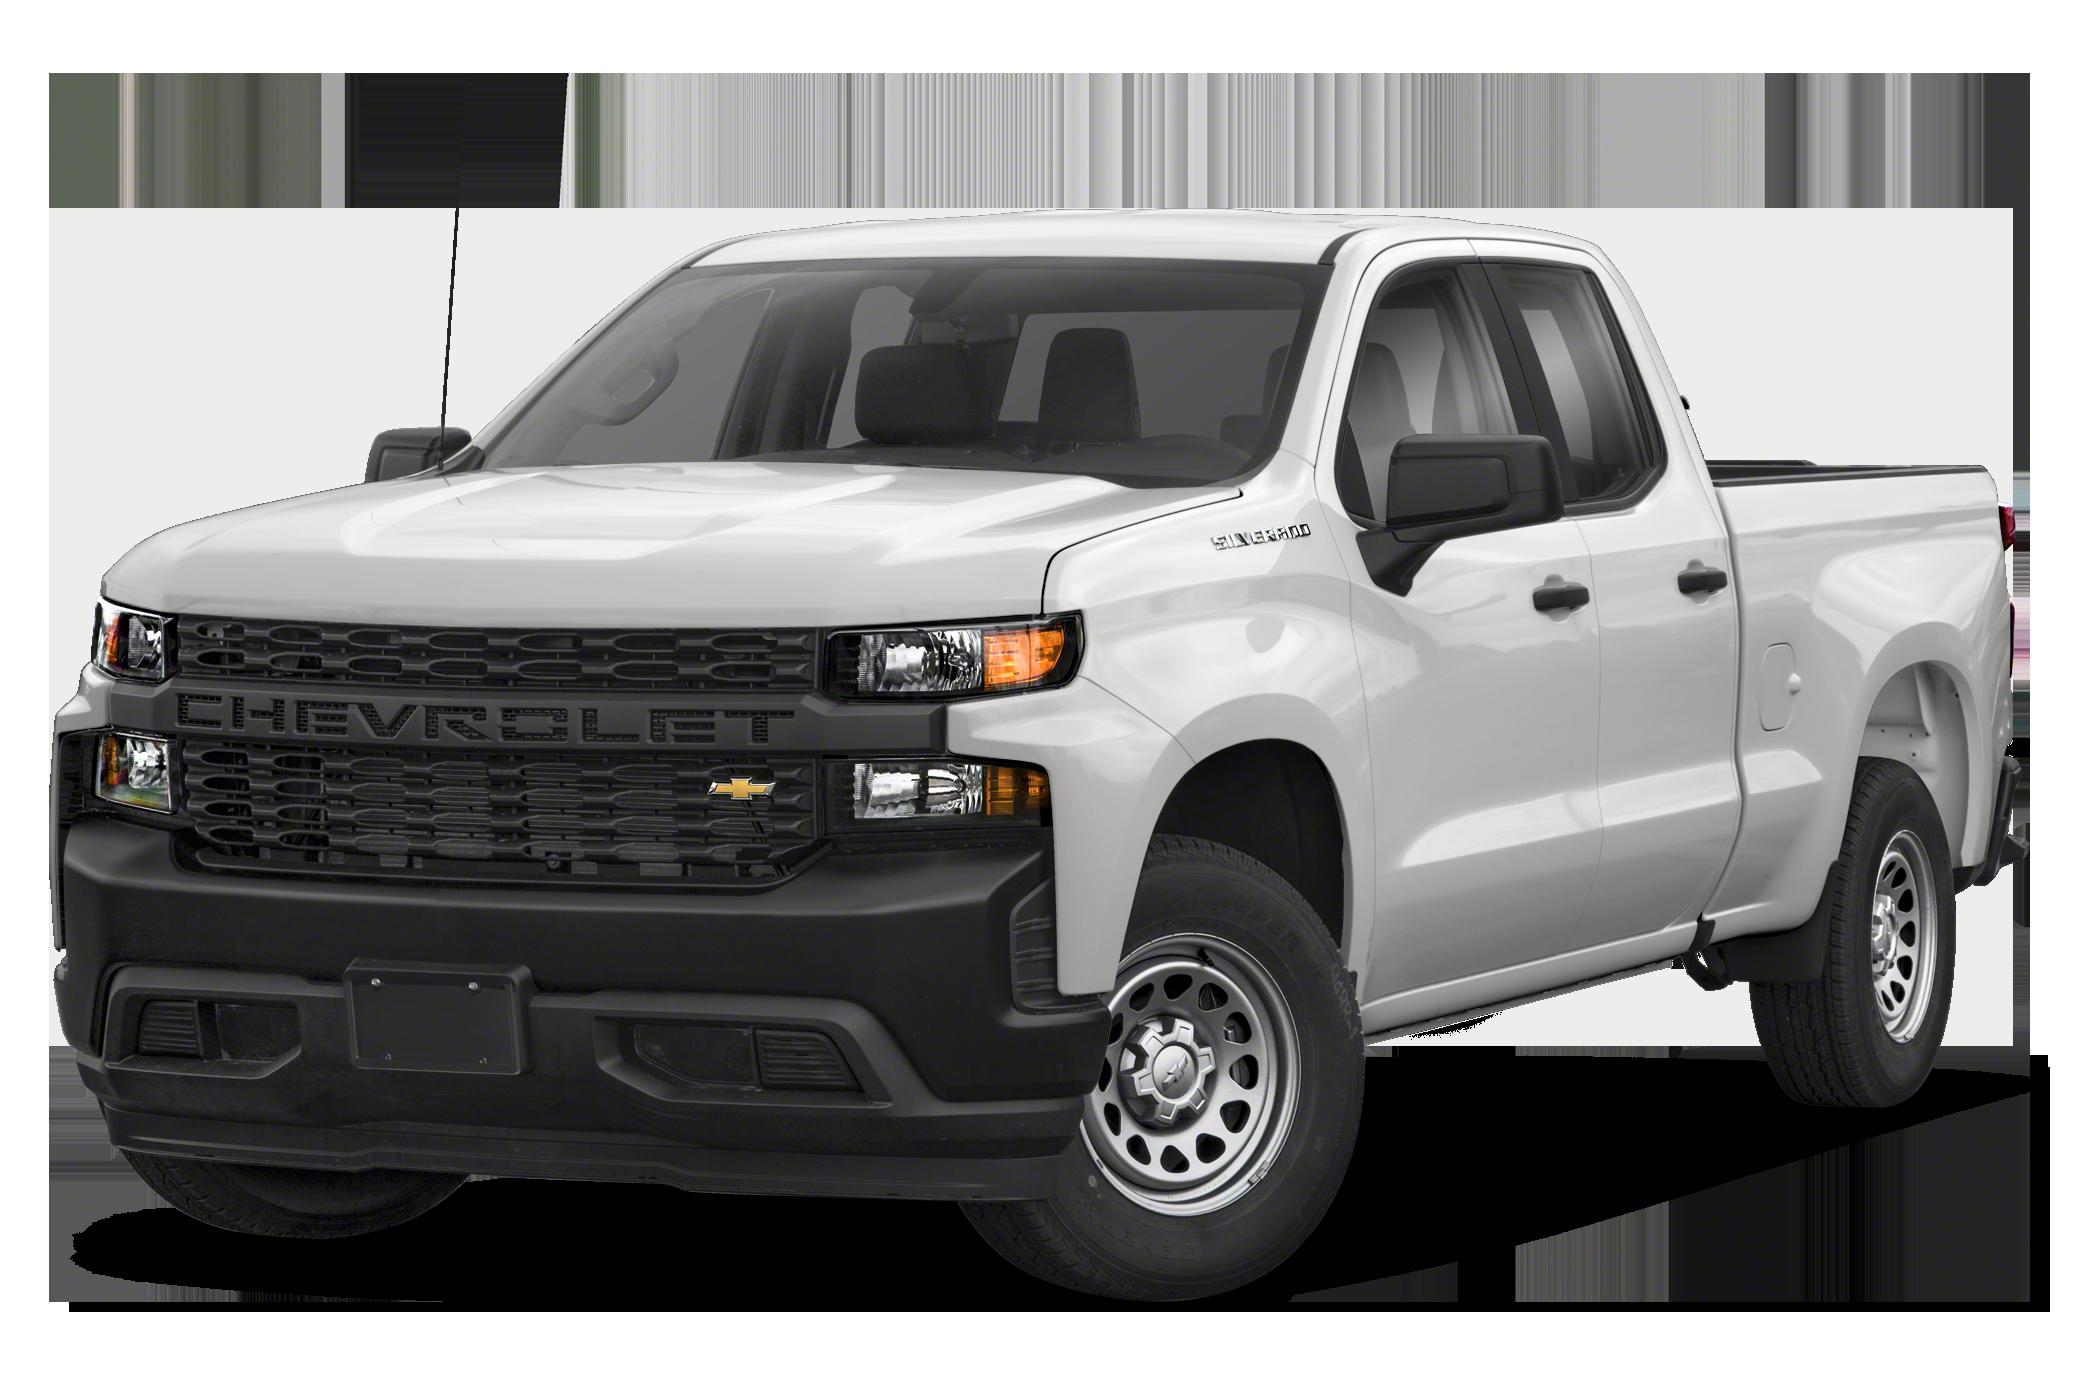 Compare Chevrolet/Silverado-1500 to Toyota/Tundra